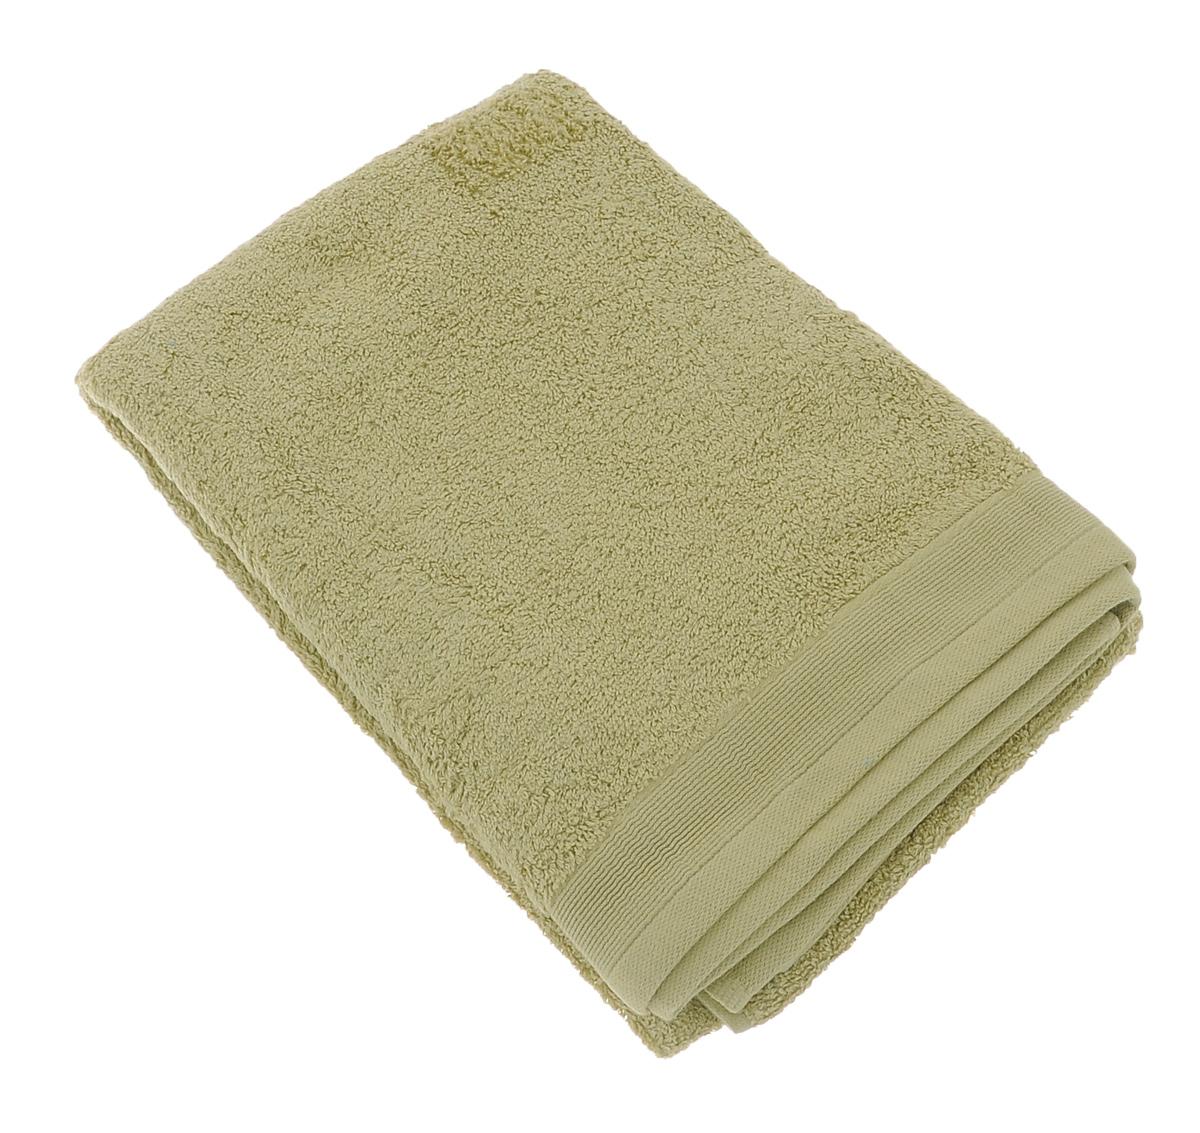 Полотенце махровое Guten Morgen, цвет: фисташковый, 70 см х 140 см68/5/3Махровое полотенце Guten Morgen, изготовленное из натурального хлопка, прекрасно впитывает влагу и быстро сохнет. Высокая плотность ткани делает полотенце мягкими, прочными и пушистыми. При соблюдении рекомендаций по уходу изделие сохраняет яркость цвета и не теряет форму даже после многократных стирок. Махровое полотенце Guten Morgen станет достойным выбором для вас и приятным подарком для ваших близких. Мягкость и высокое качество материала, из которого изготовлено полотенце, не оставит вас равнодушными.